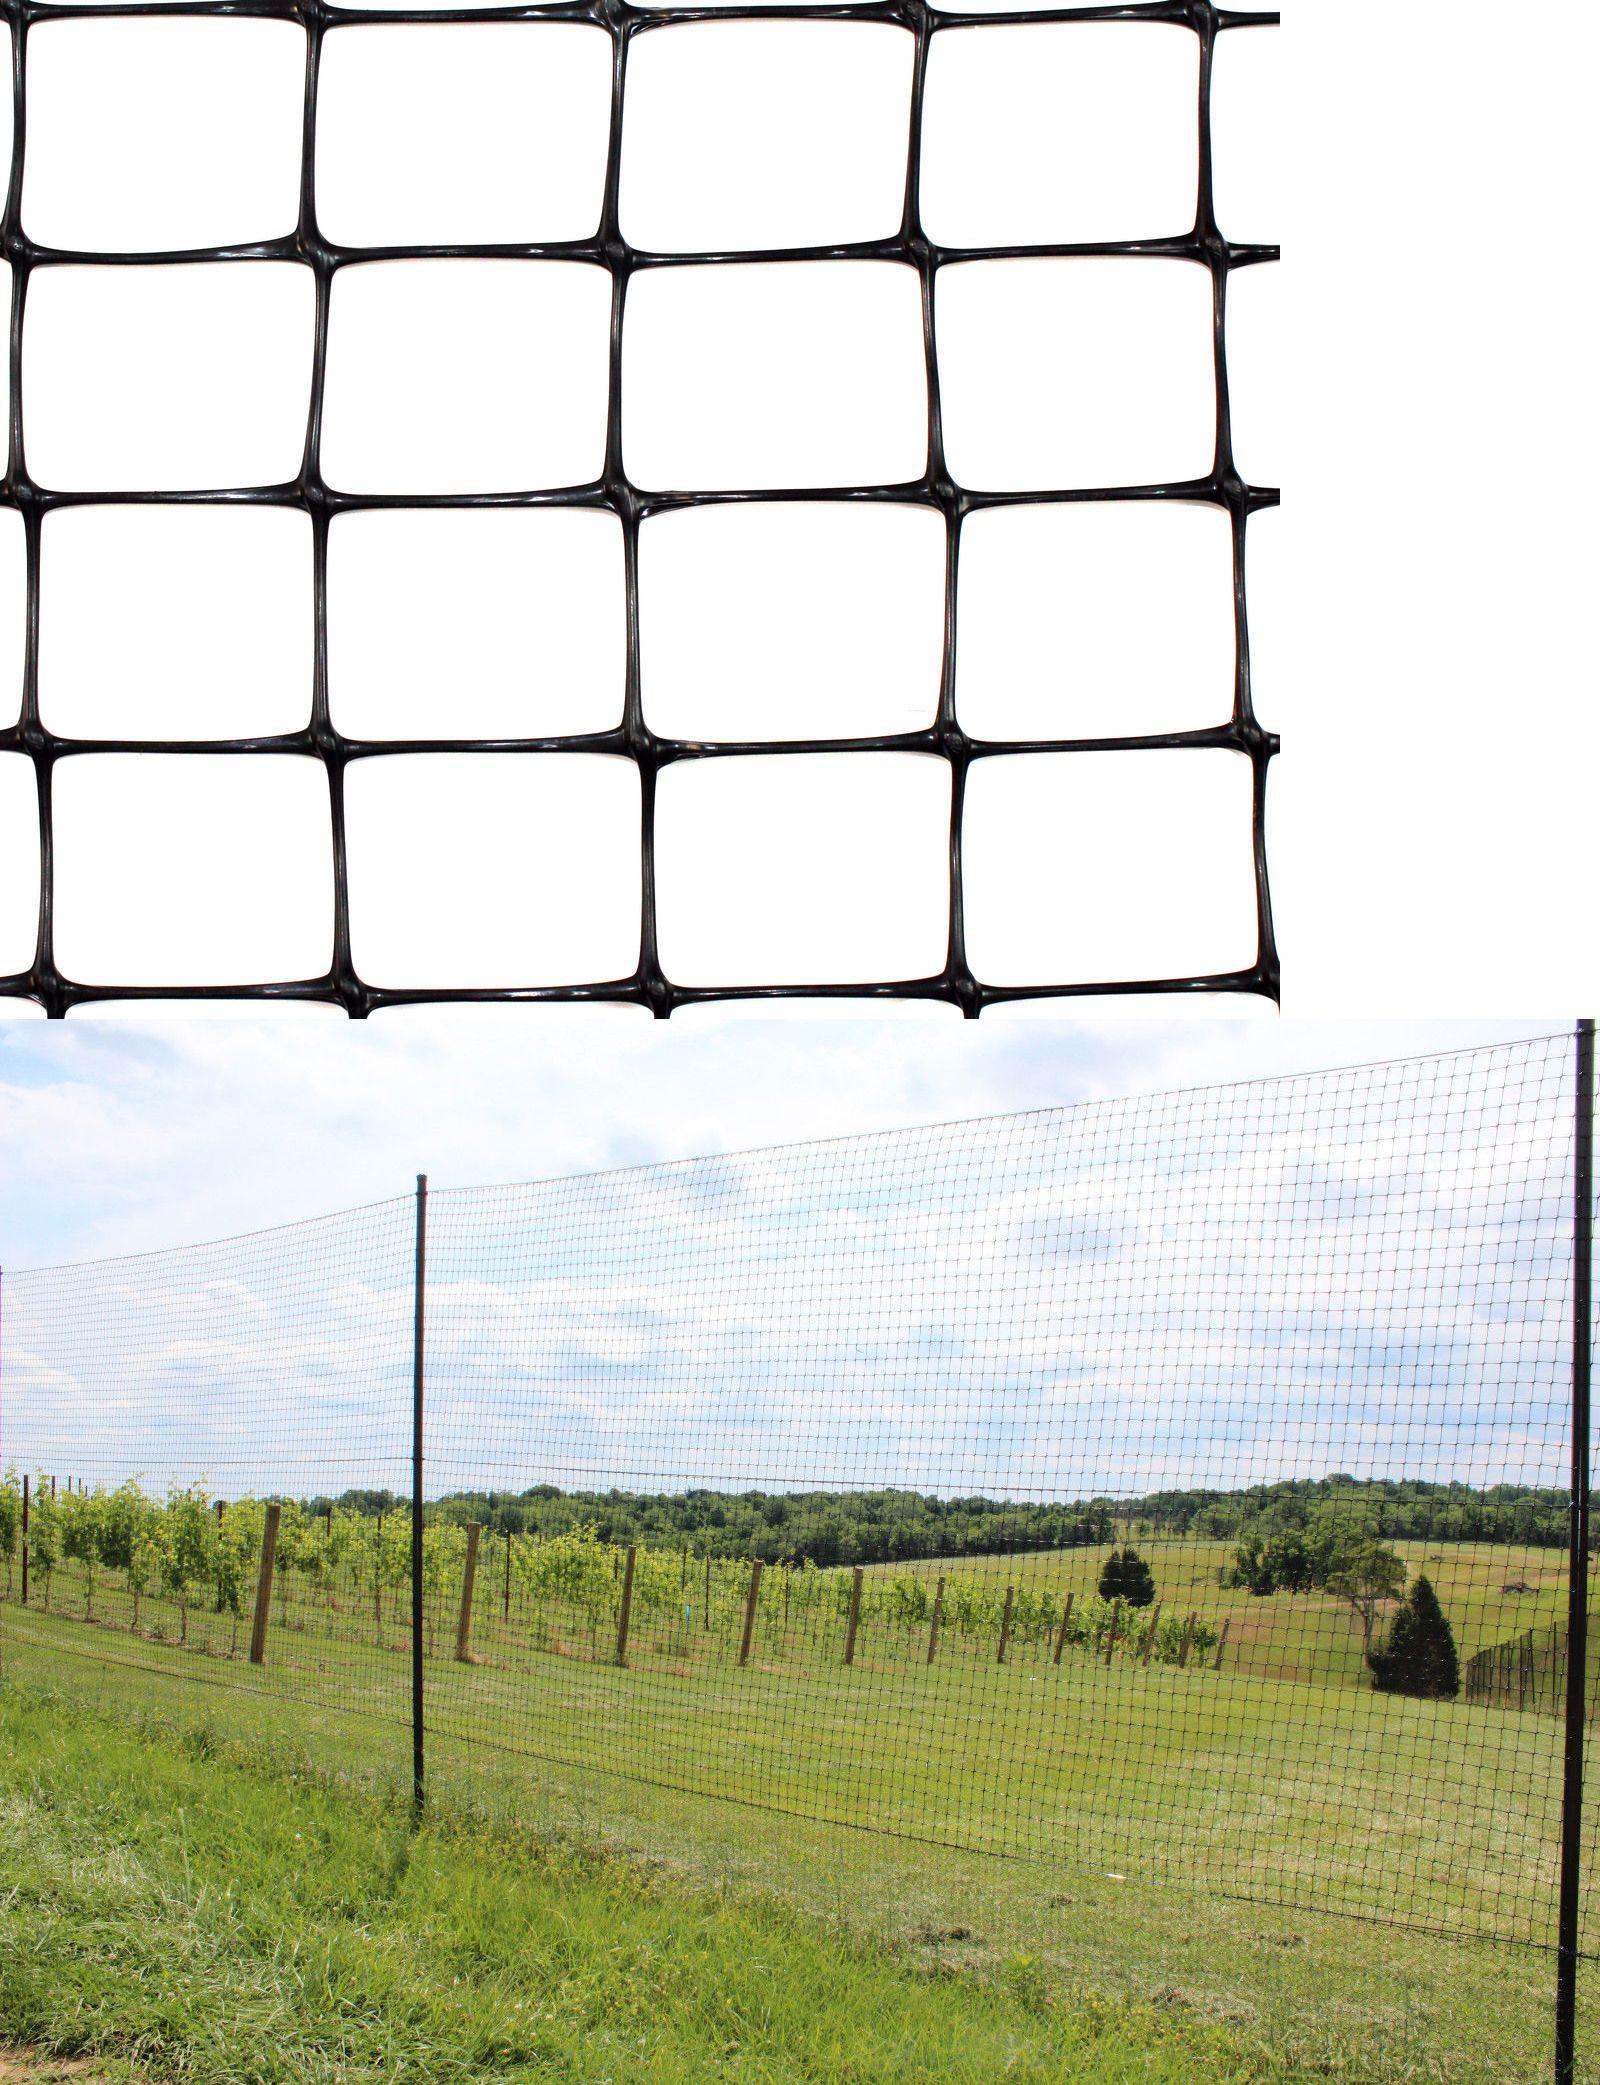 Other Garden Fencing 177033: Deer Fence Tenax C-Flex Hd 8 X 100 ...